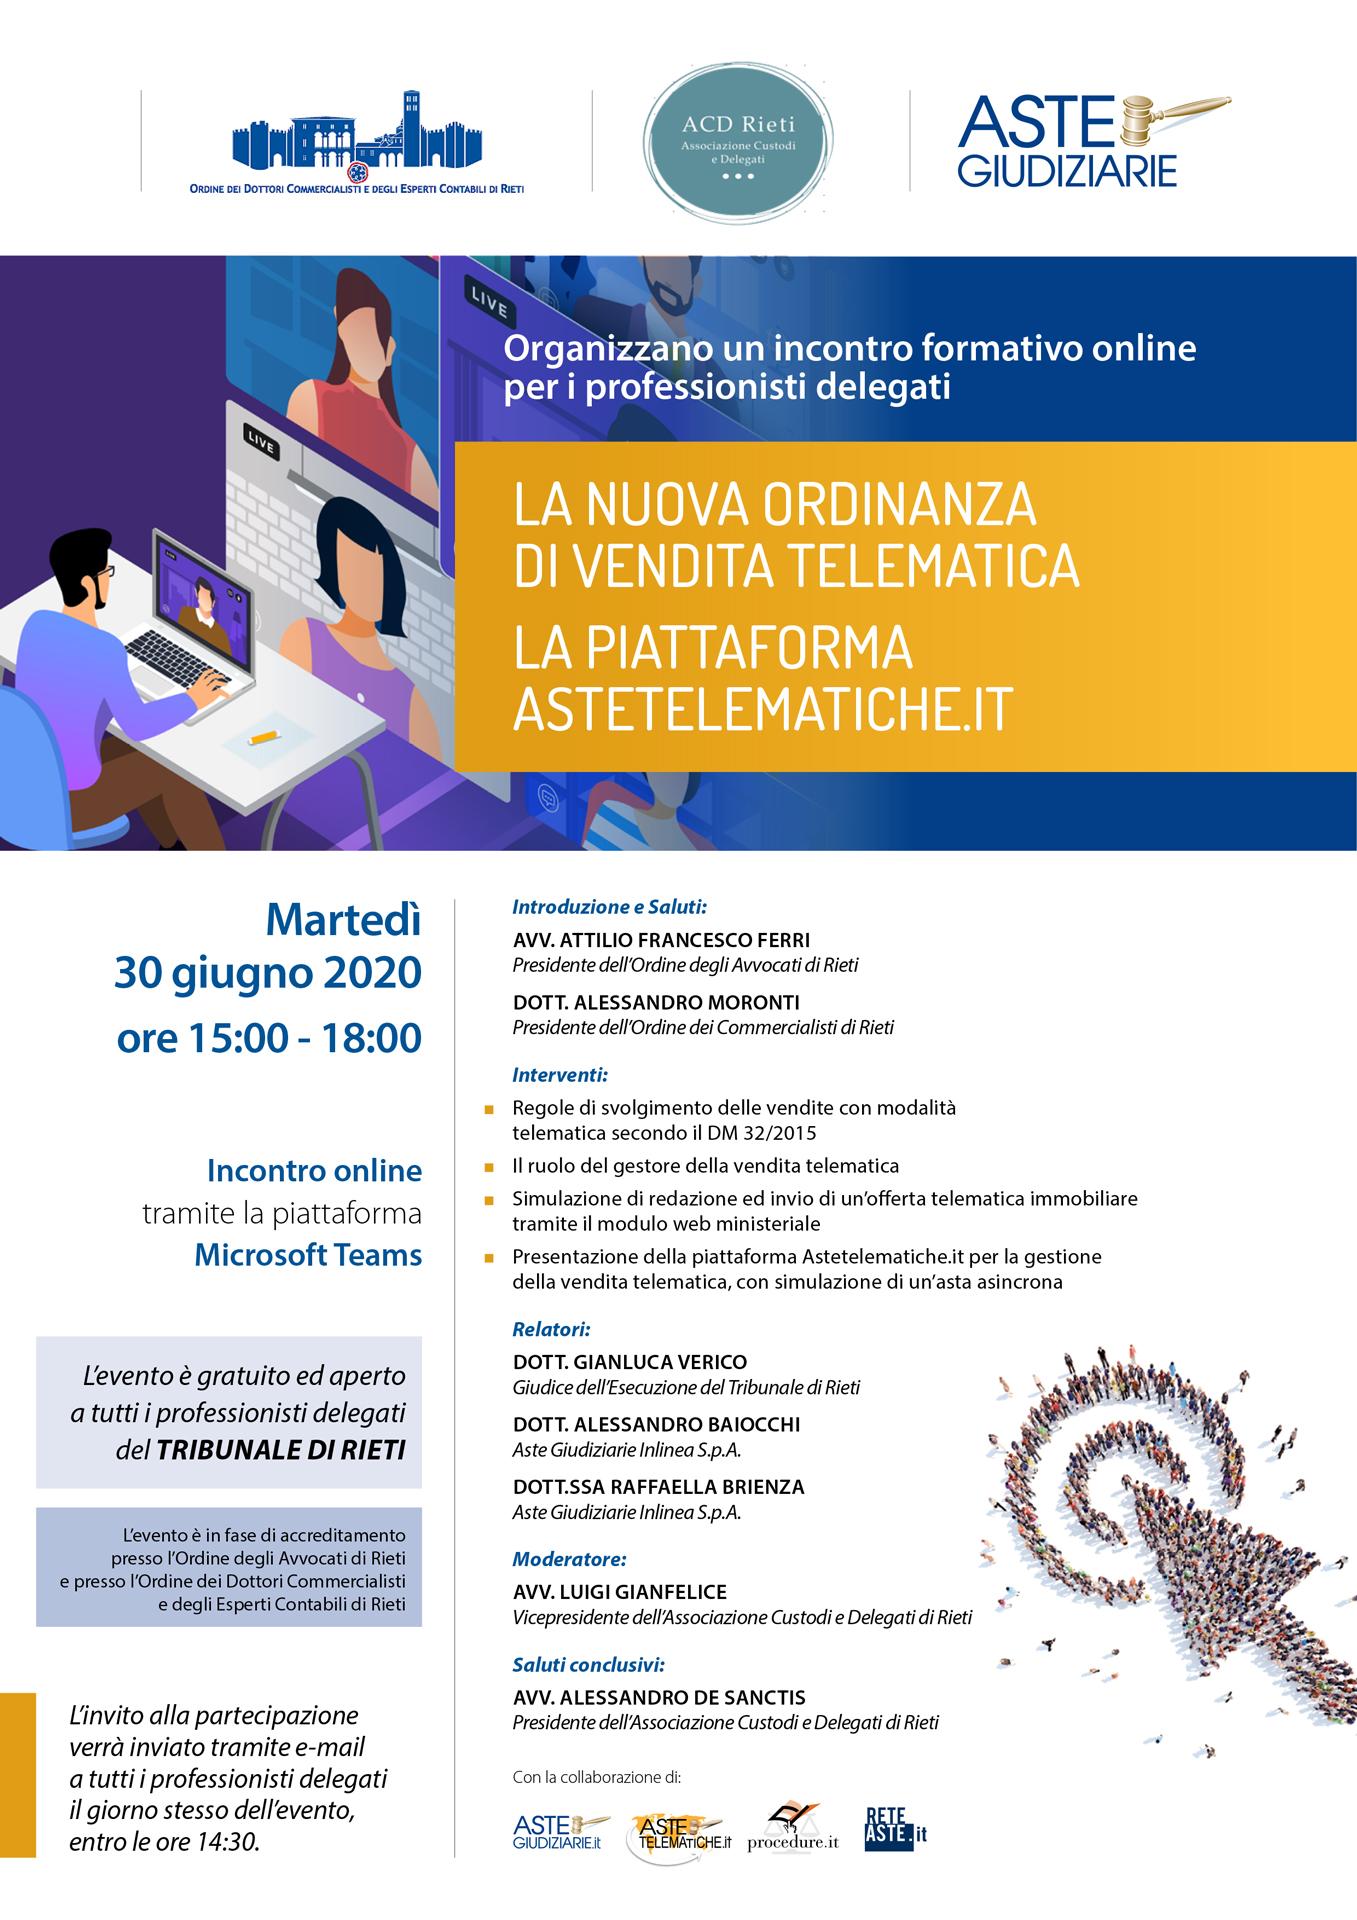 La nuova ordinanza di vendita telematica la piattaforma astetelematiche.it